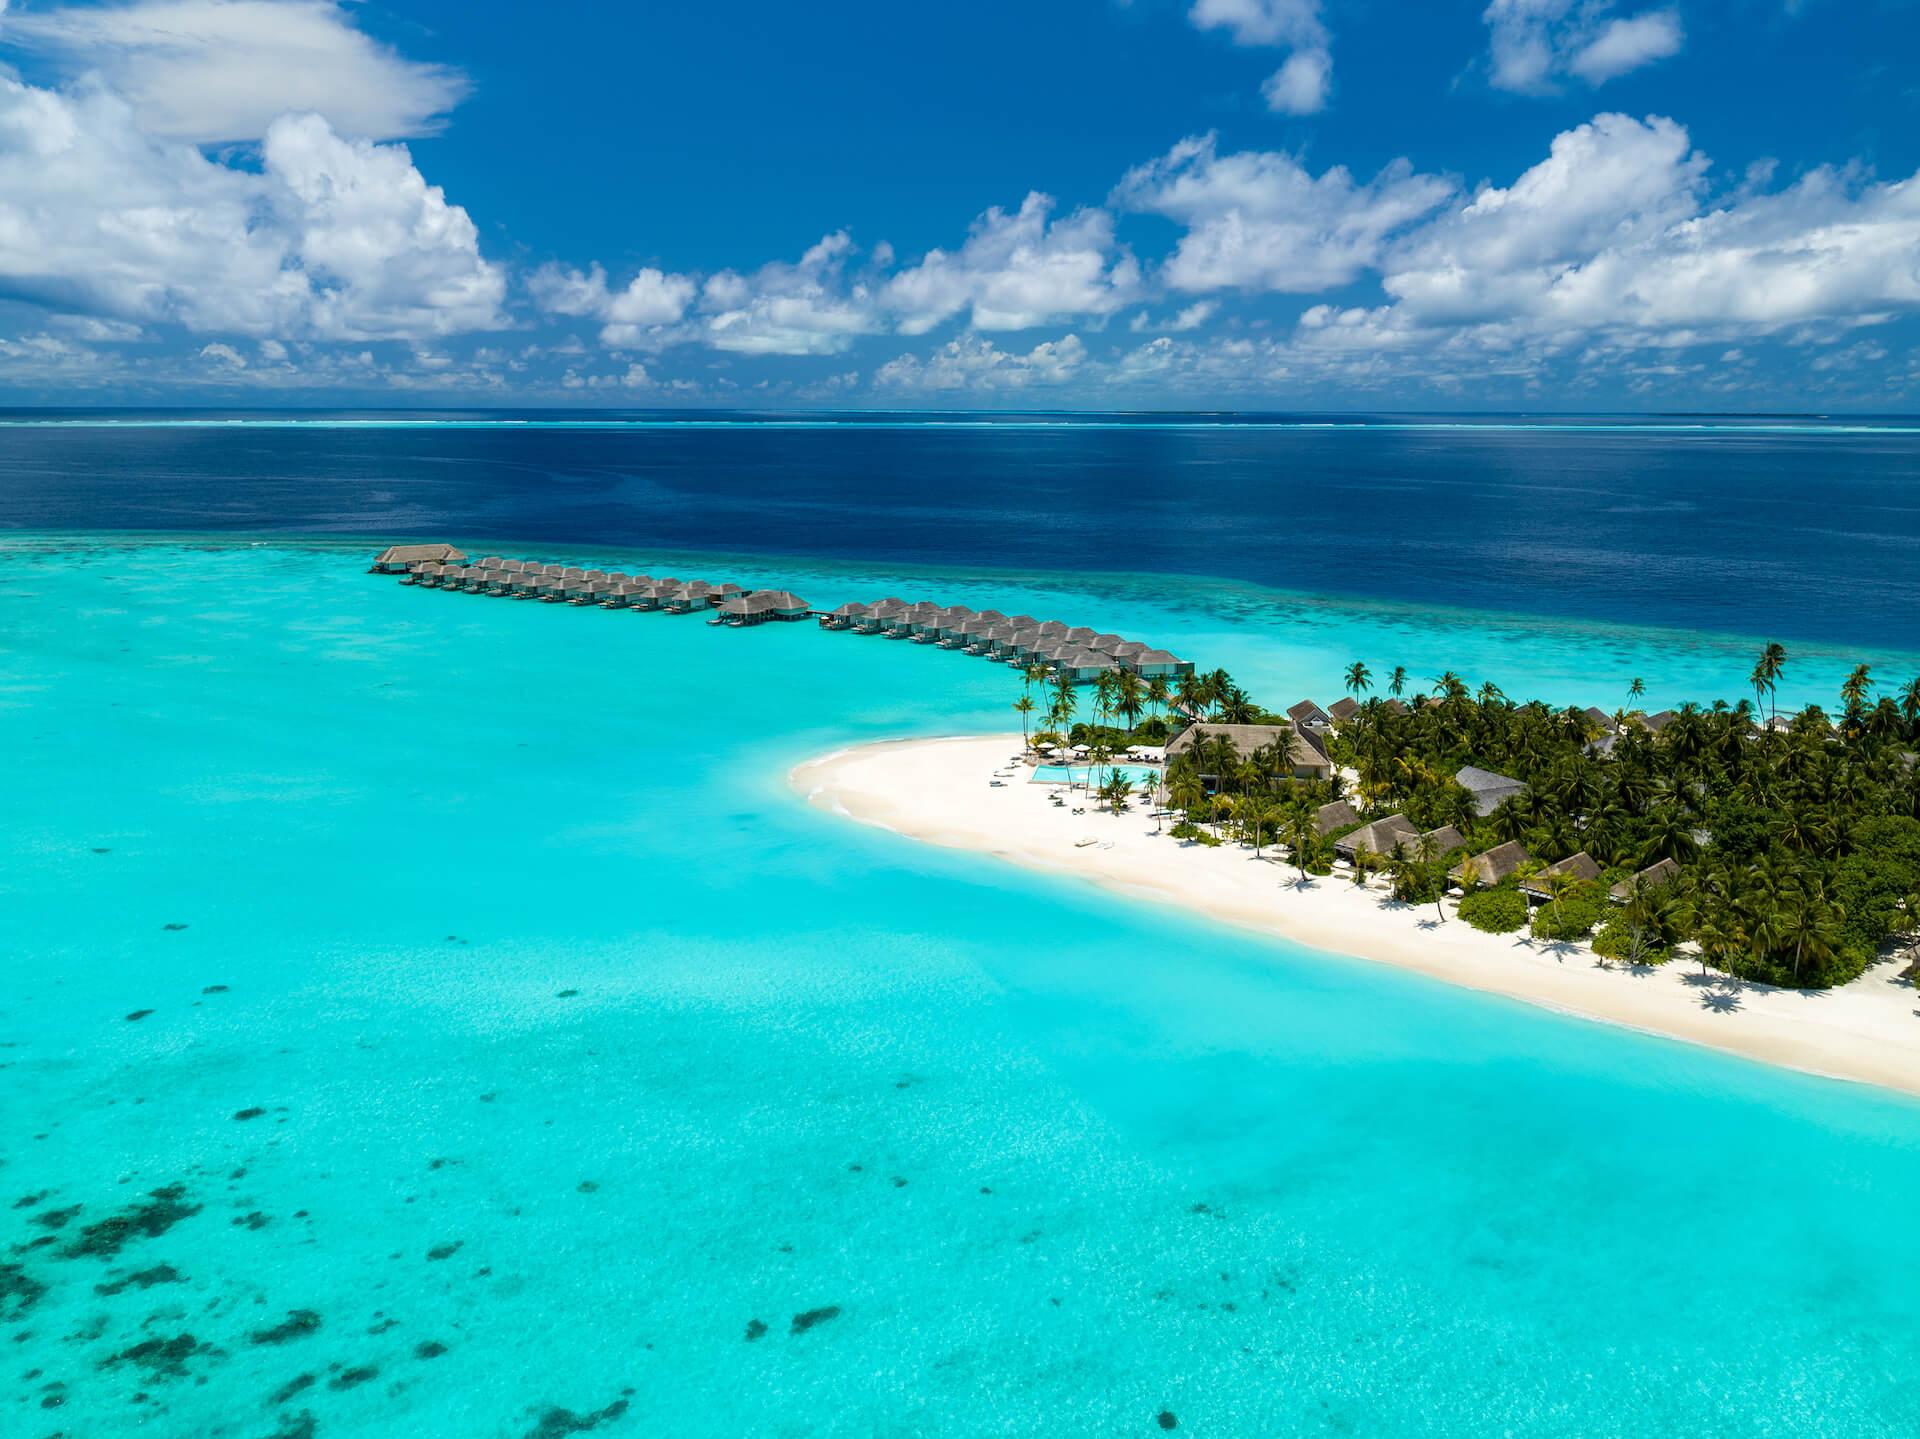 Baglioni Resort Maldives Location Hummingbird Travel